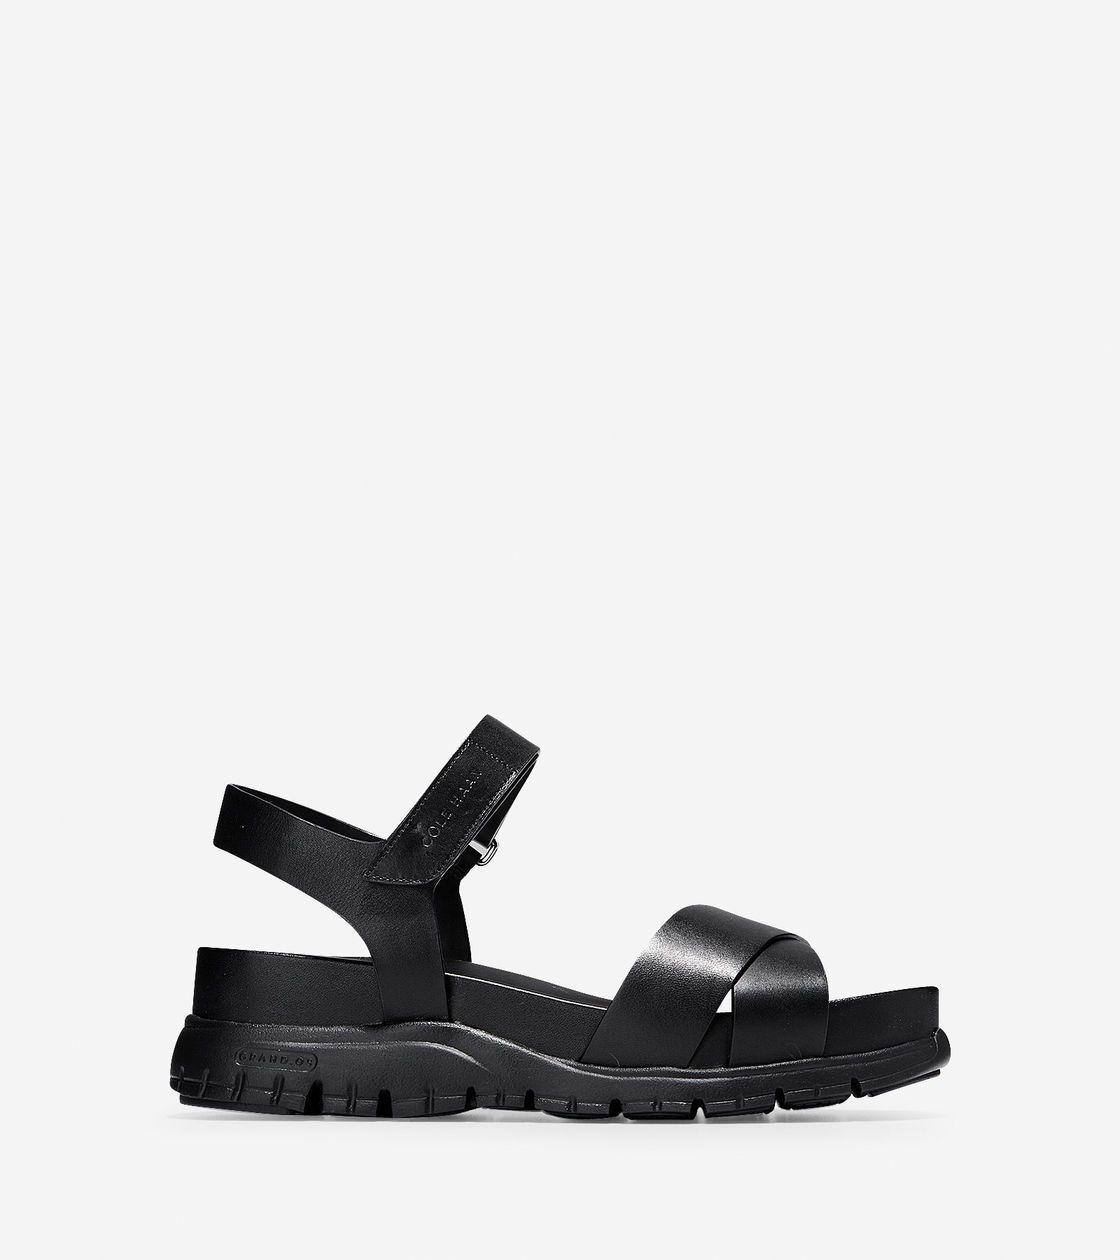 dc48d8a870d7 Sandals   Women s ZERØGRAND Criss Cross Sandal (30mm)